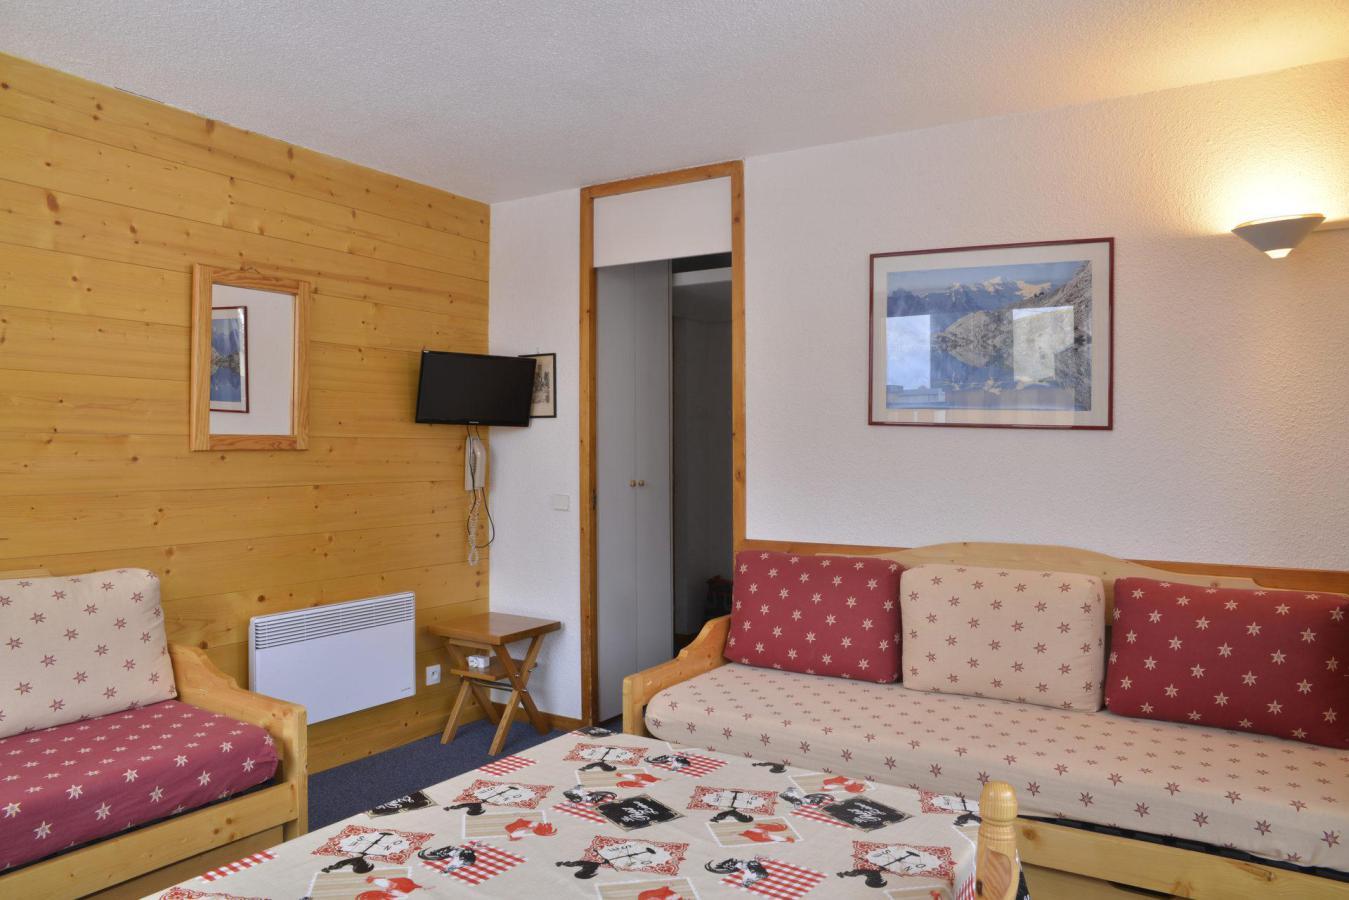 Location au ski Appartement 2 pièces 5 personnes (91) - Residence Le Carroley A - La Plagne